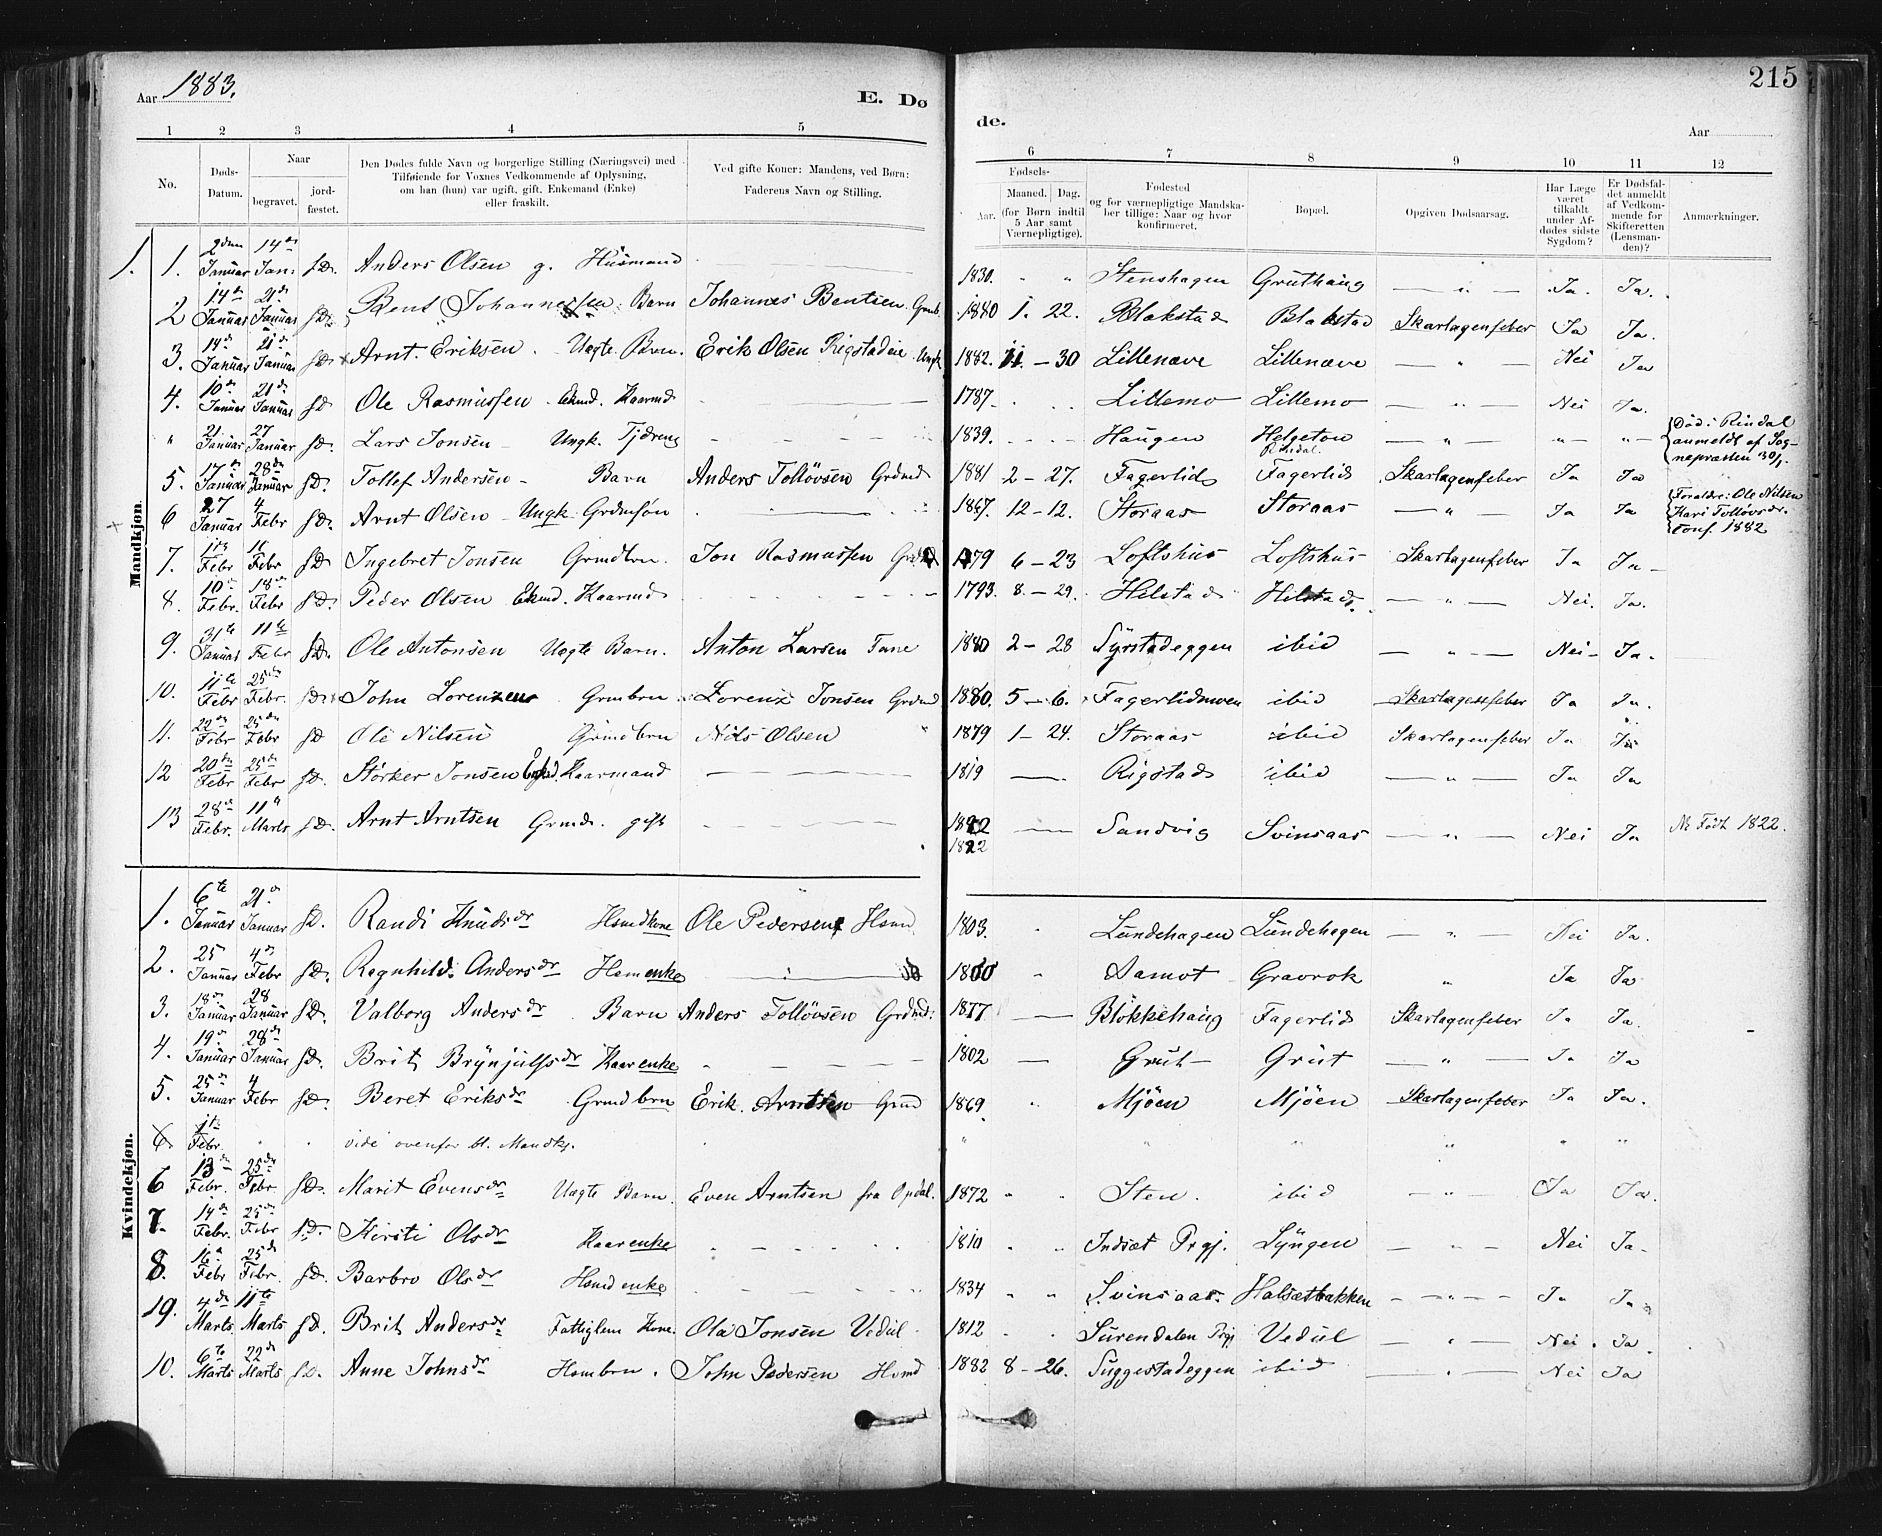 SAT, Ministerialprotokoller, klokkerbøker og fødselsregistre - Sør-Trøndelag, 672/L0857: Ministerialbok nr. 672A09, 1882-1893, s. 215